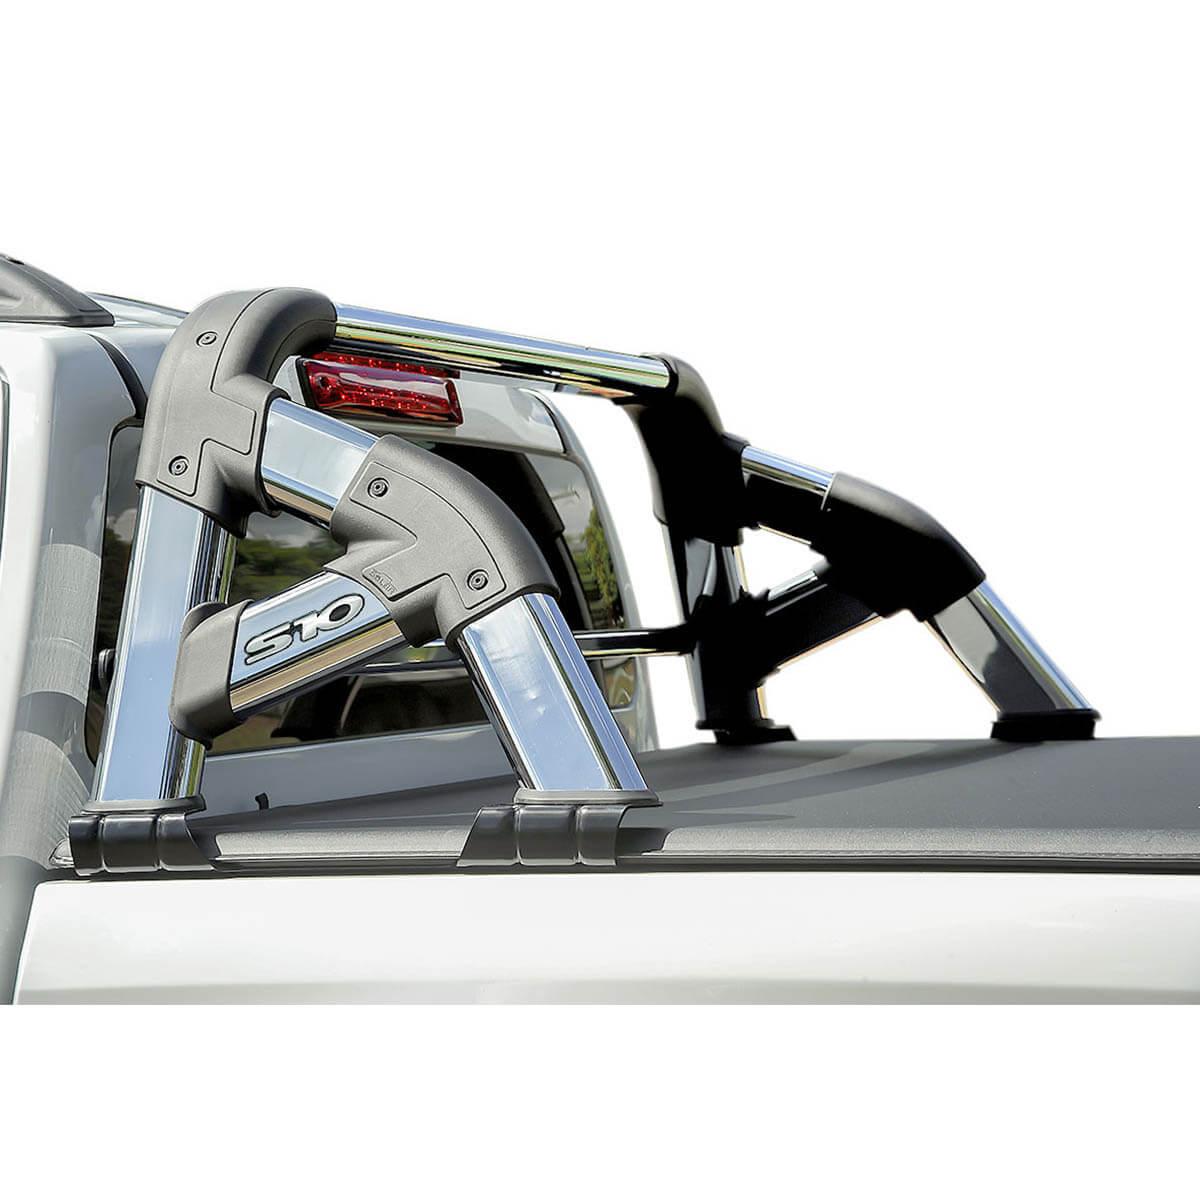 Santo antônio cromado Solar Exclusive S10 1995 a 2011 com barra de vidro